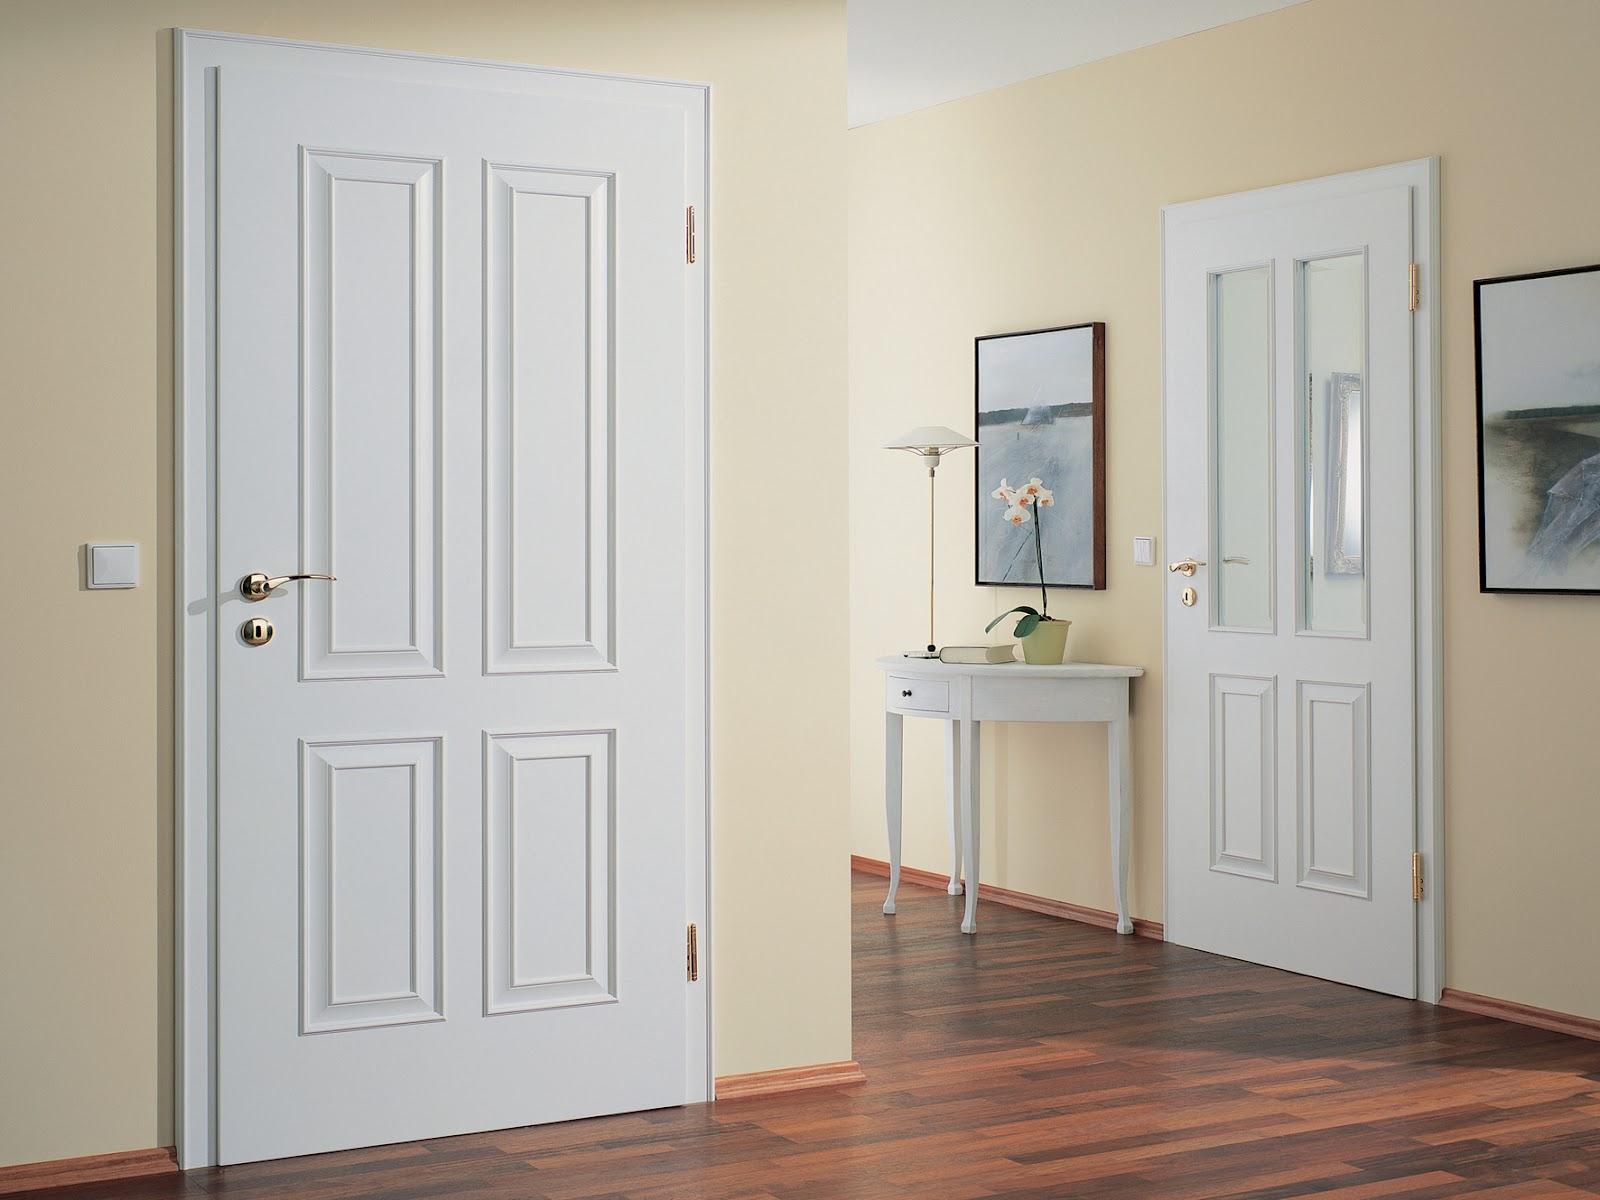 Белые двери и коричневый ламинат в коридоре